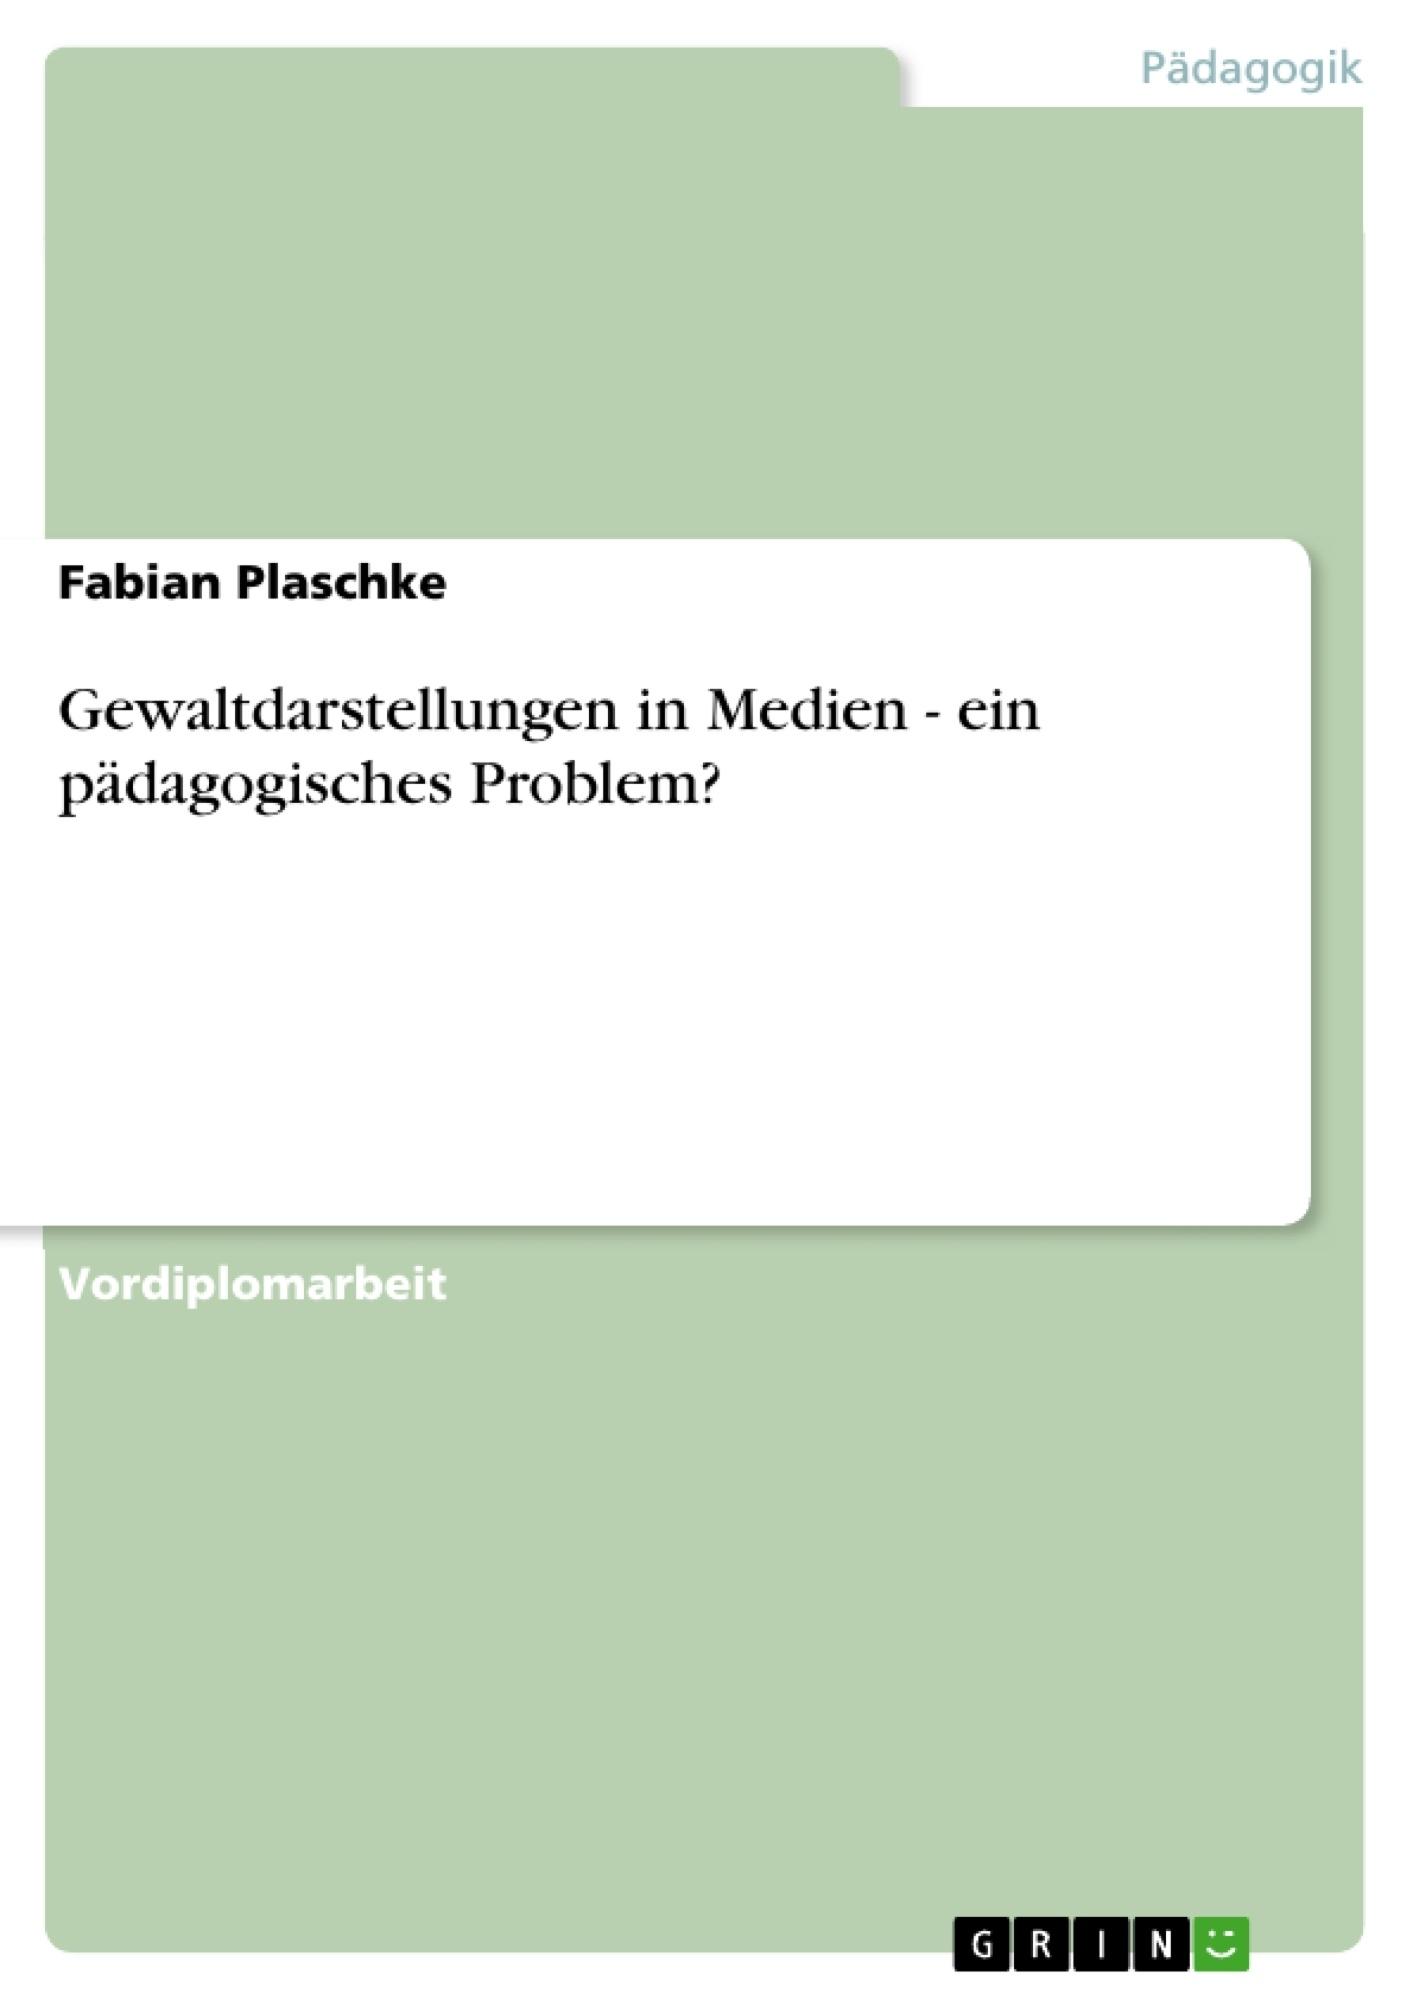 Titel: Gewaltdarstellungen in Medien - ein pädagogisches Problem?